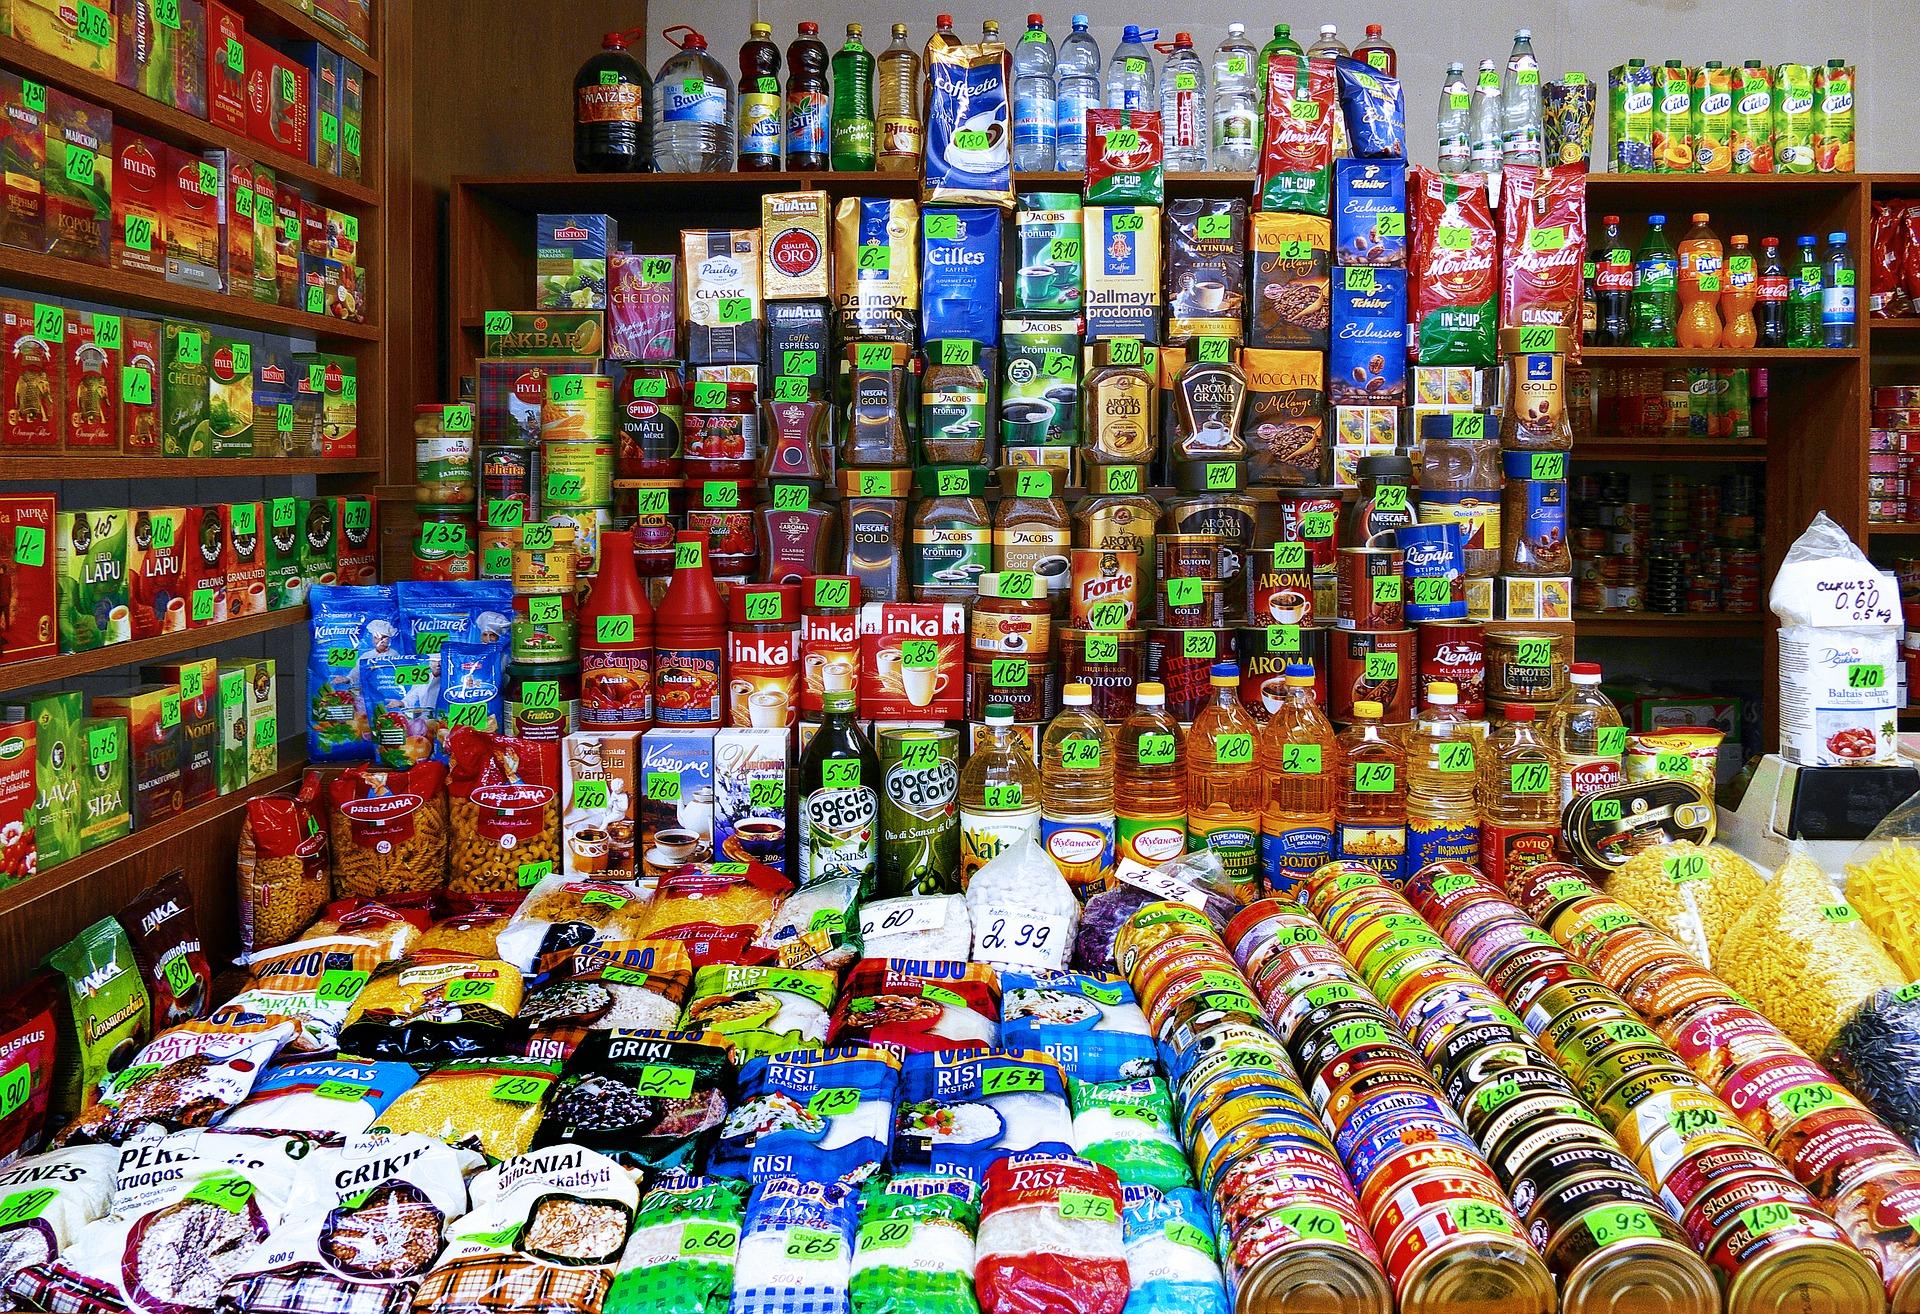 Grocery Stockpile - Buying In Bulk